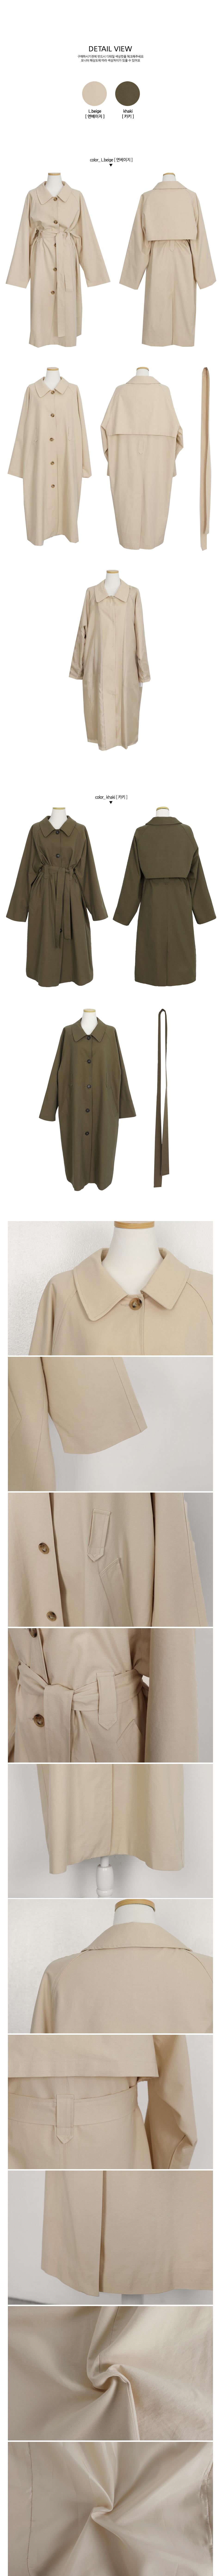 Ob single trench coat